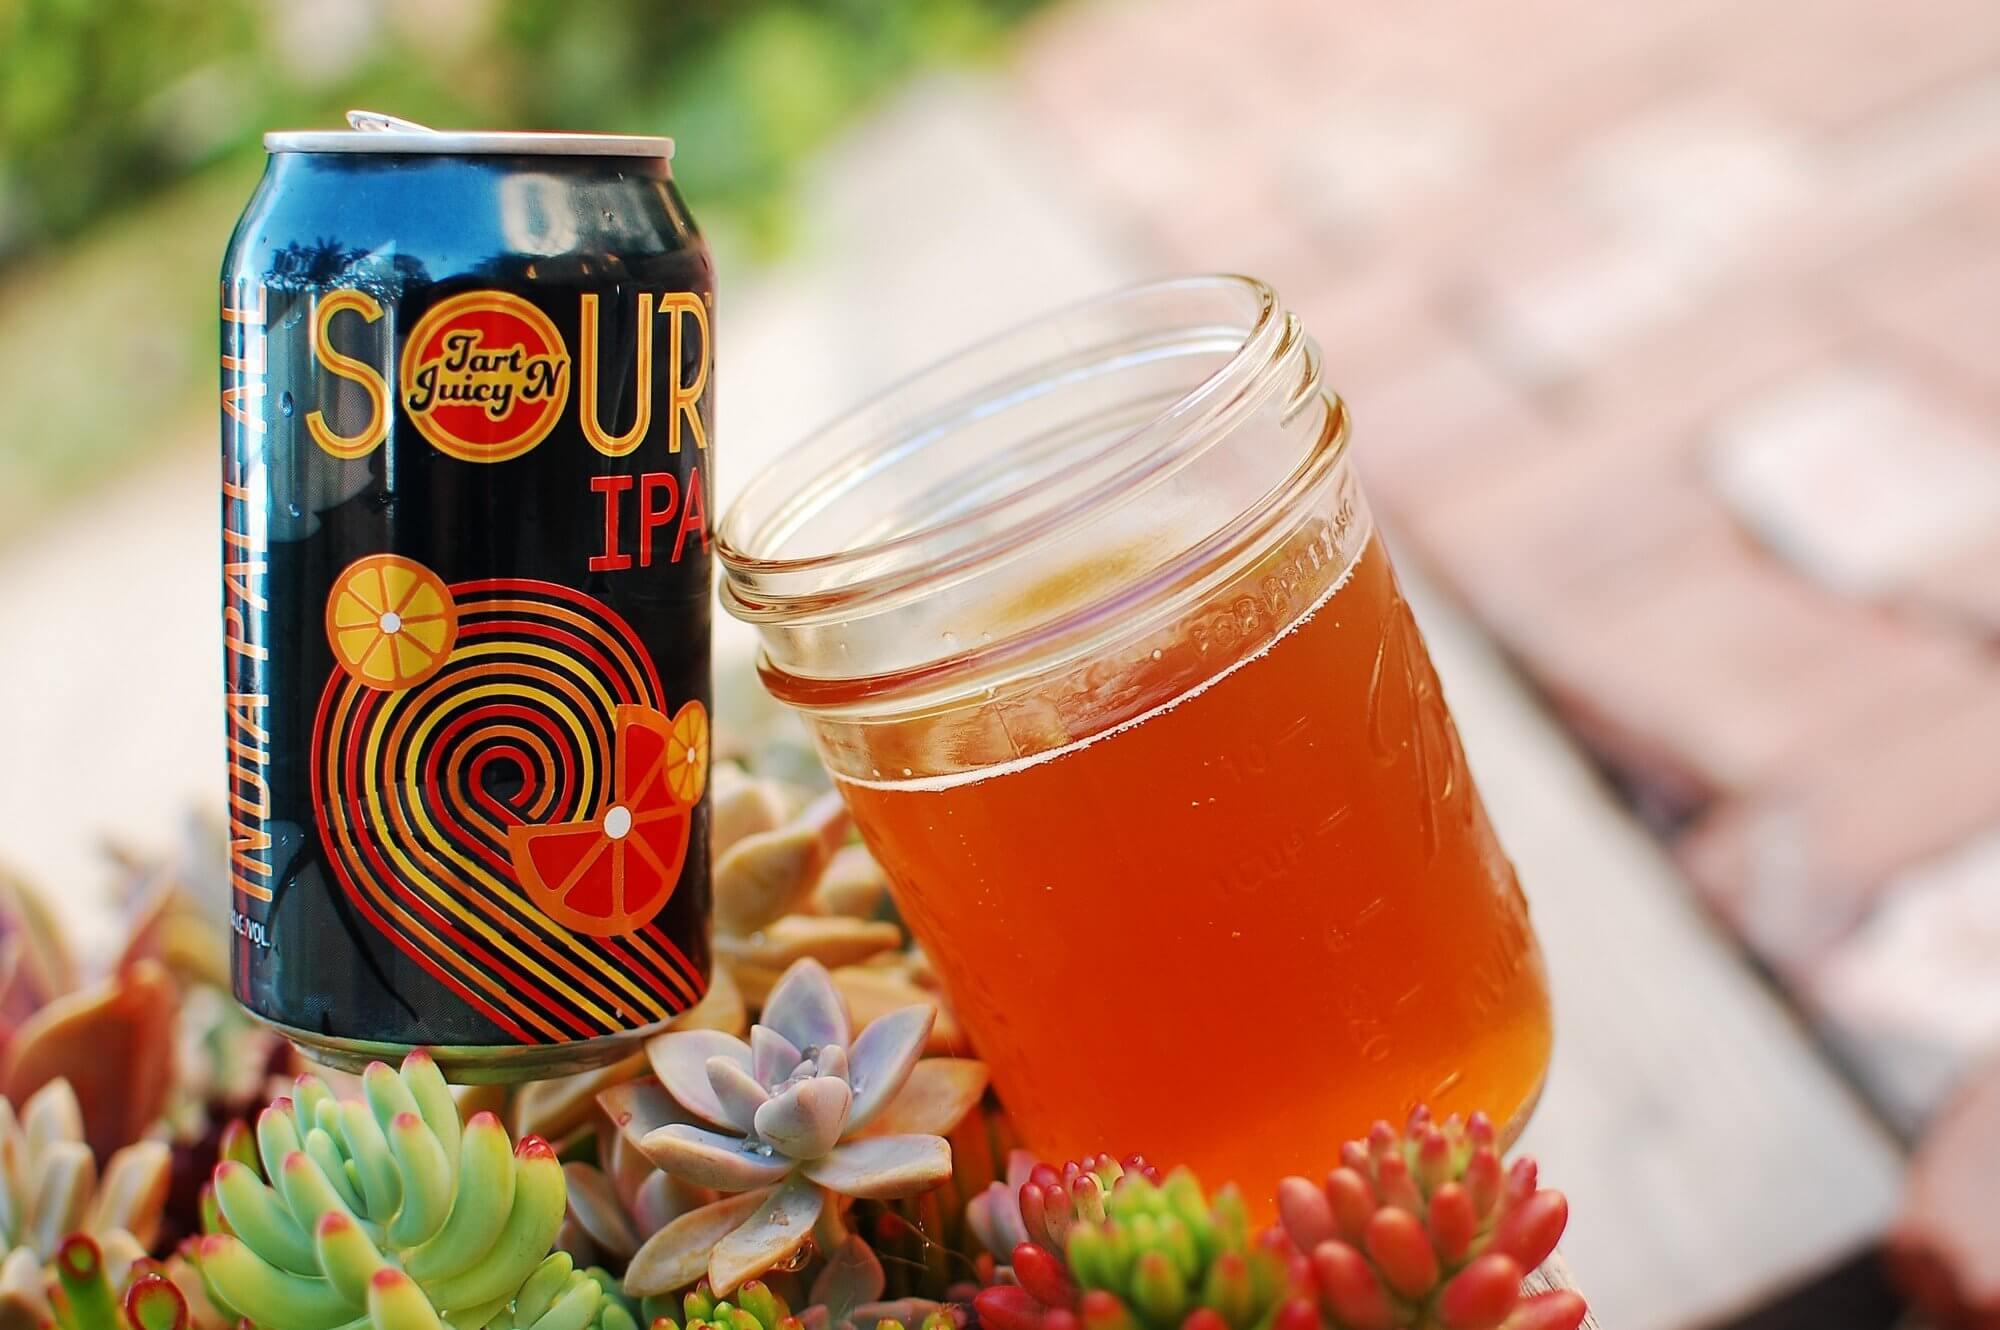 Epic Brewing — Tart 'n Juicy Sour IPA